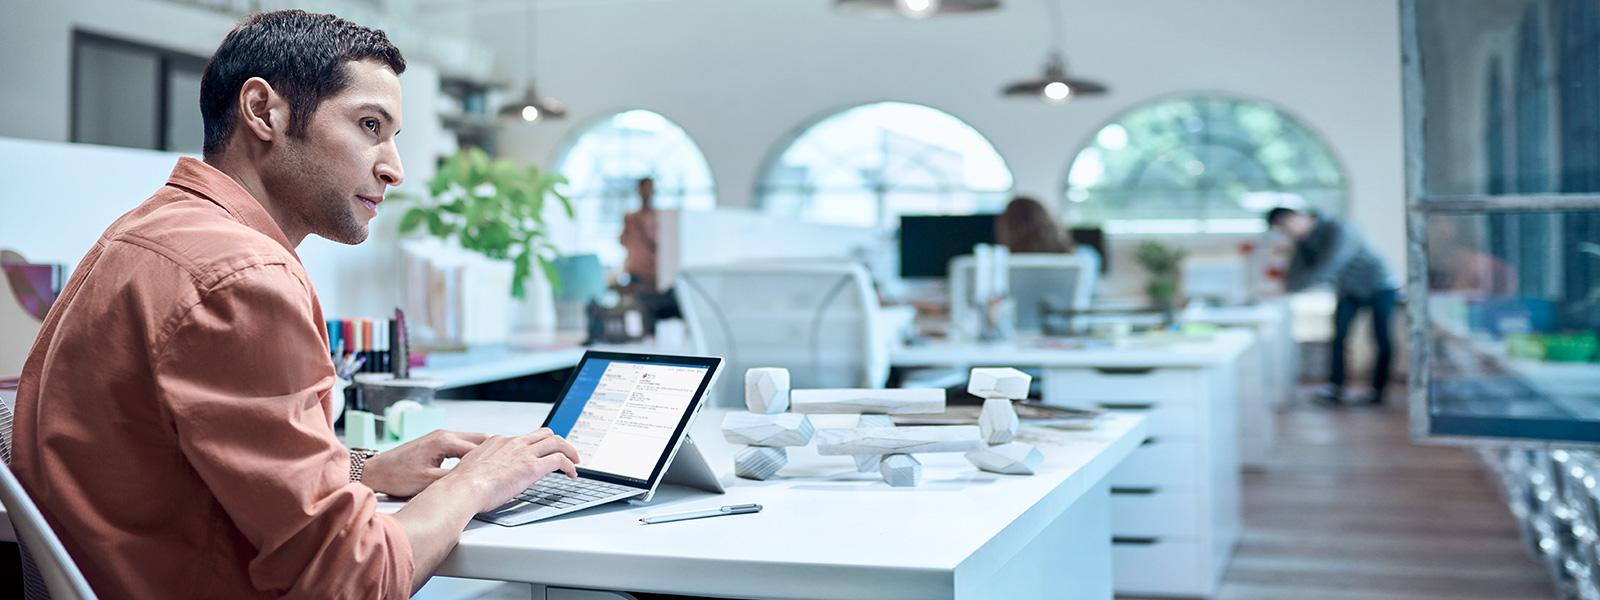 Surface Pro 4, grand écran et clavier sur un bureau.